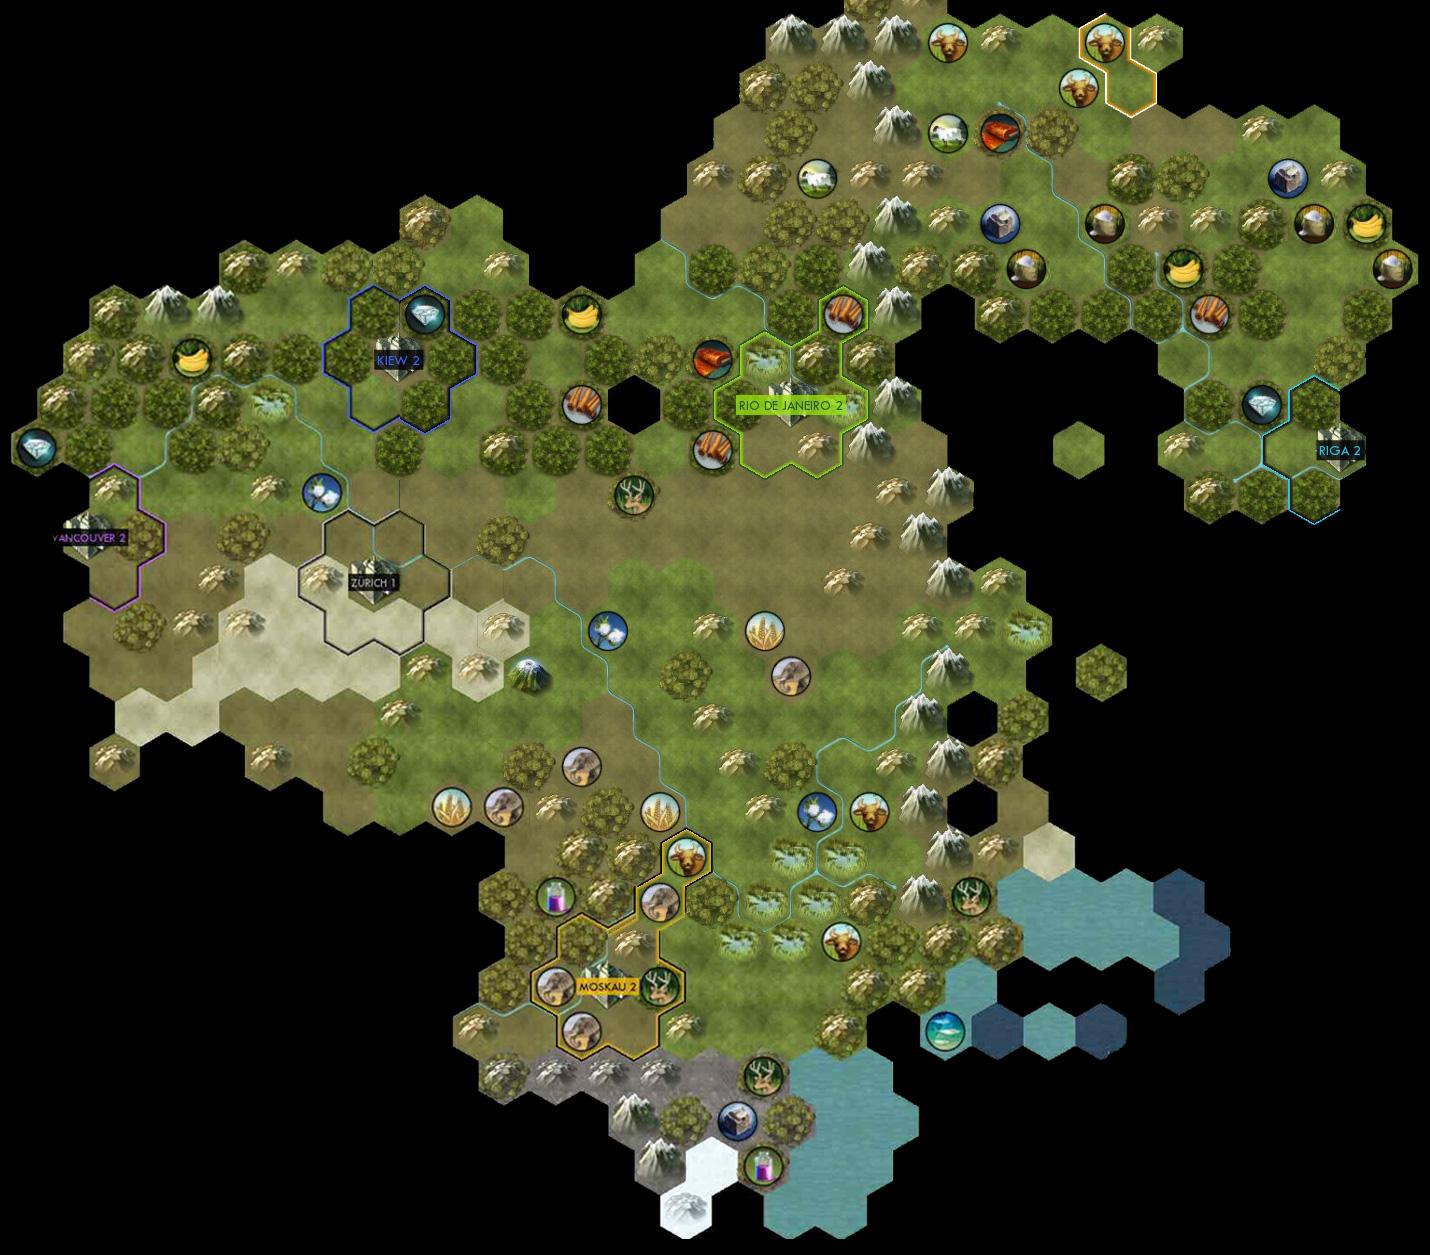 gemeinsame_karte14.jpg